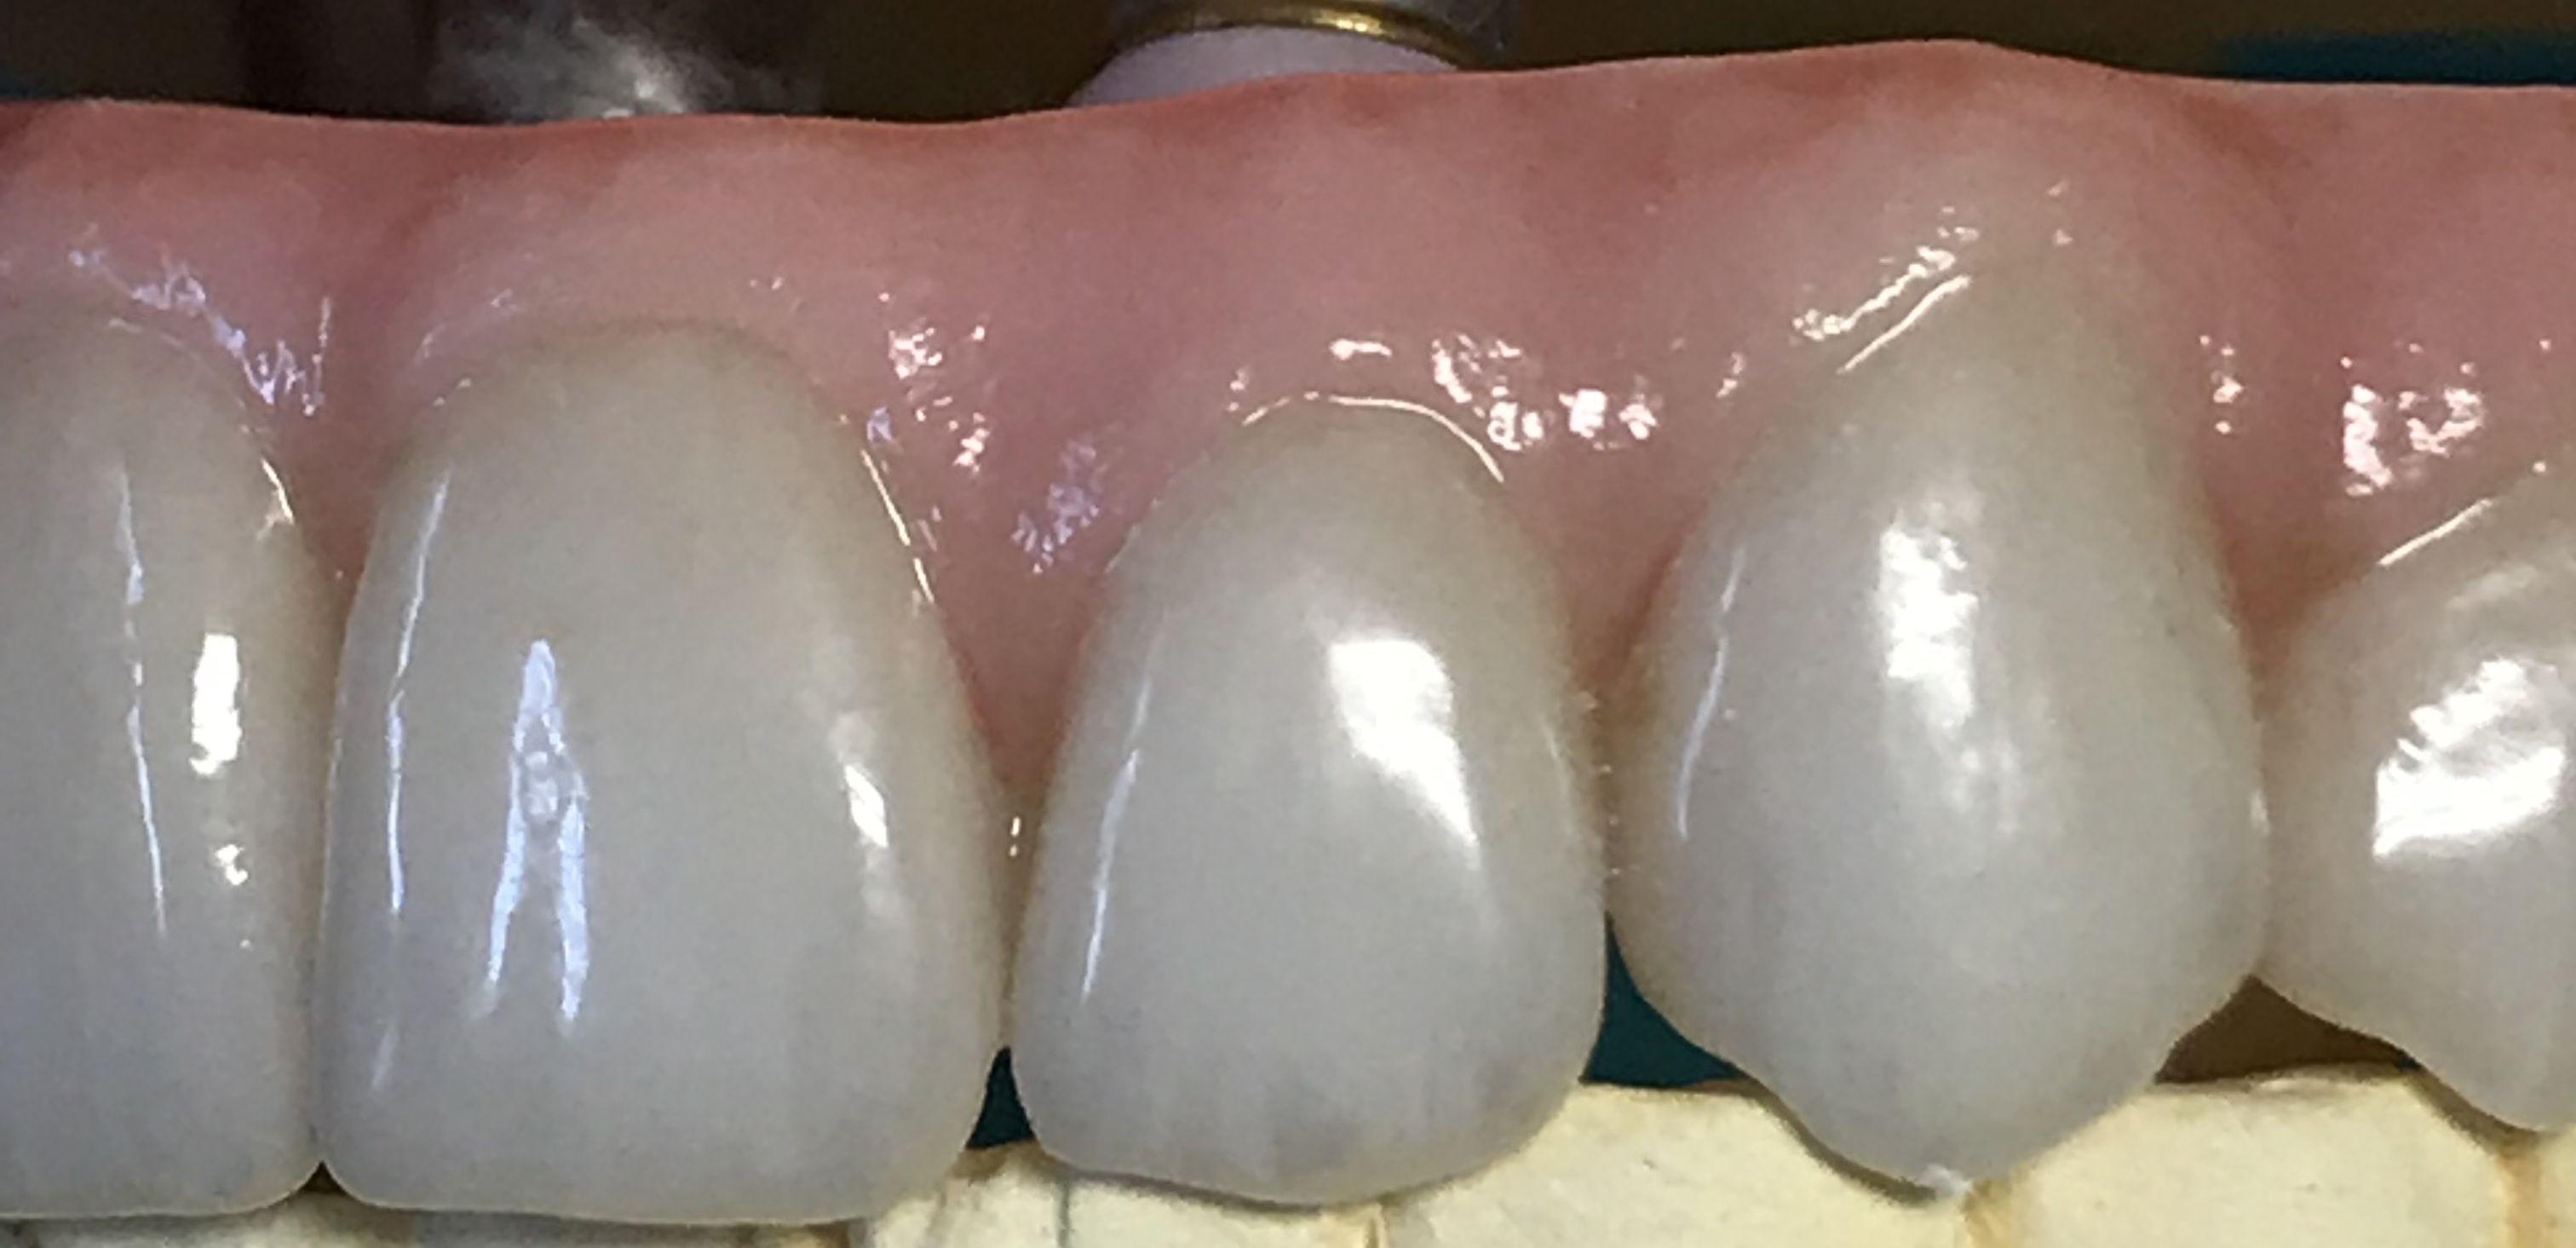 All on Four Zirconia Porcelain Prosthesis